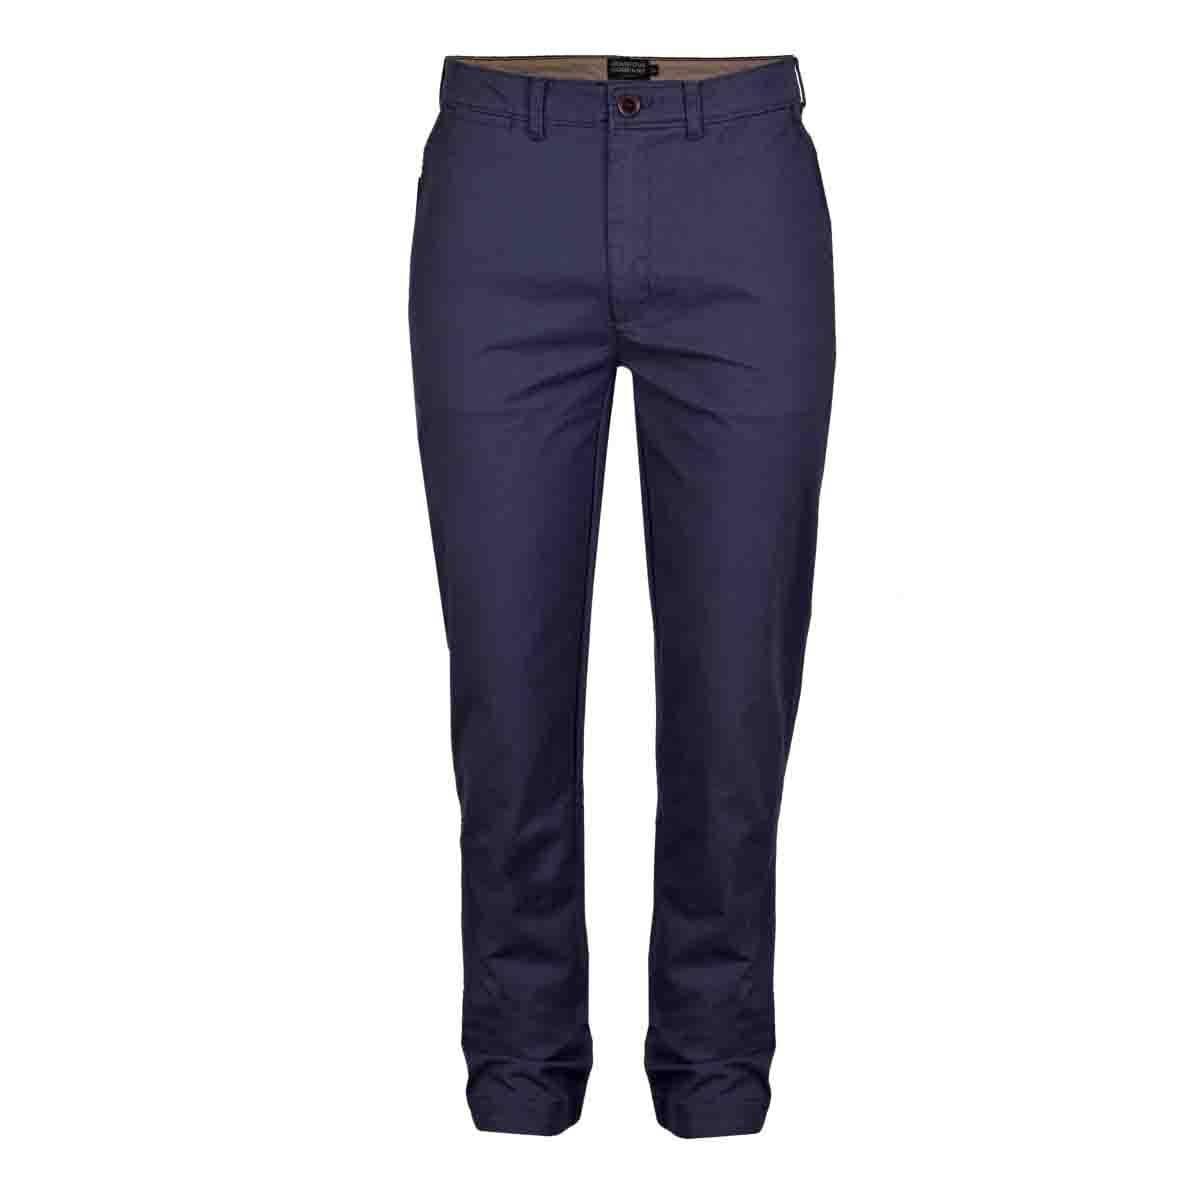 Pantalon Jeanious